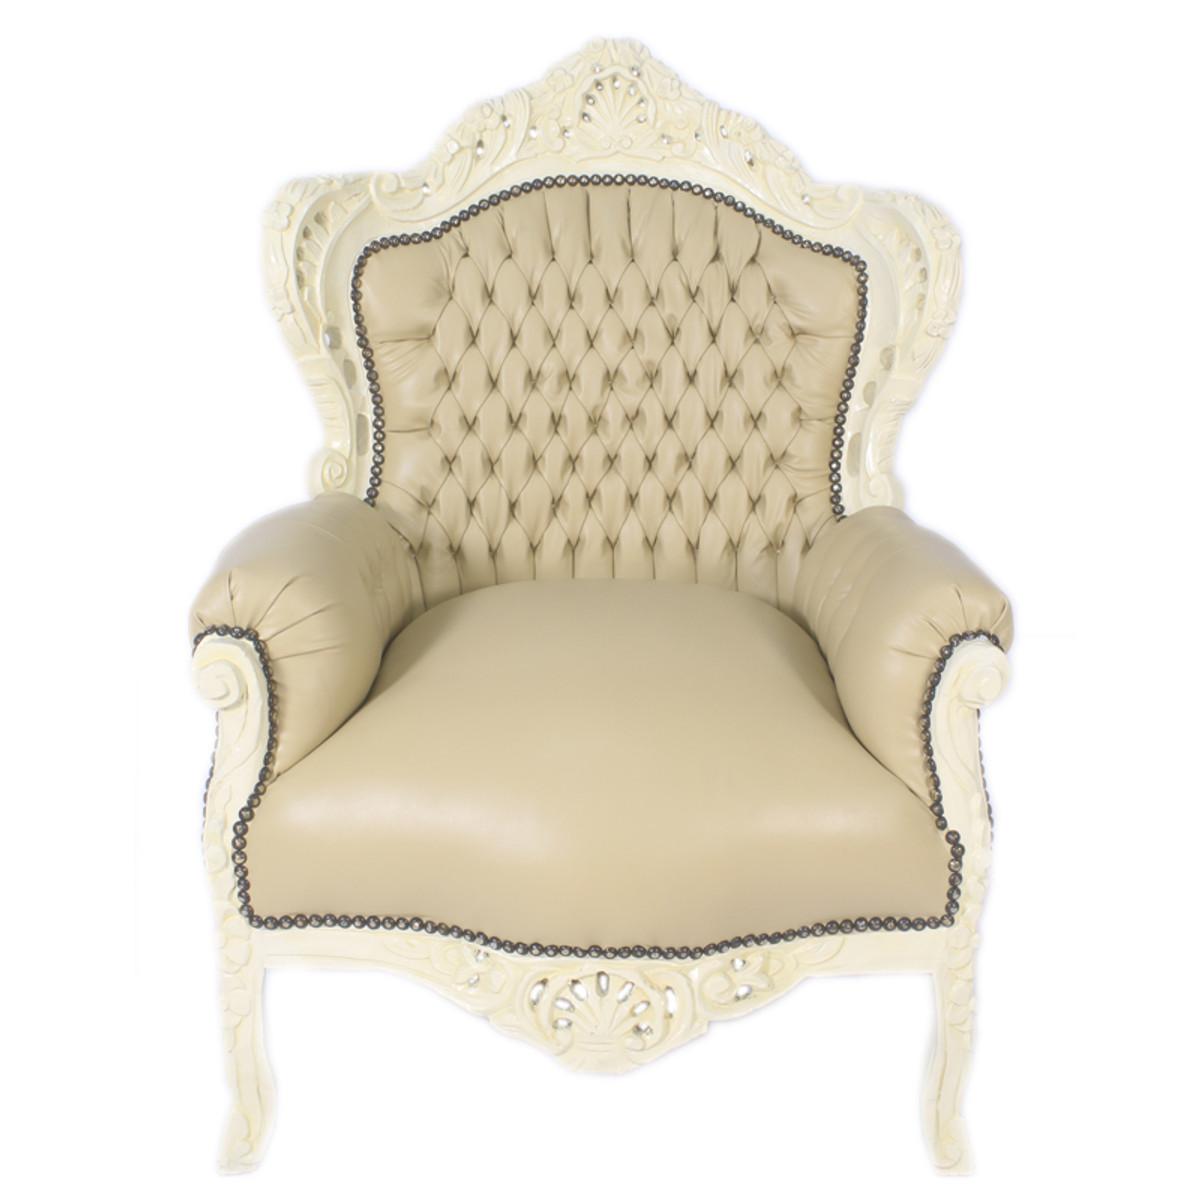 Casa Padrino Barock Sessel King Creme Lederoptik / Creme - Möbel Antik Stil 1